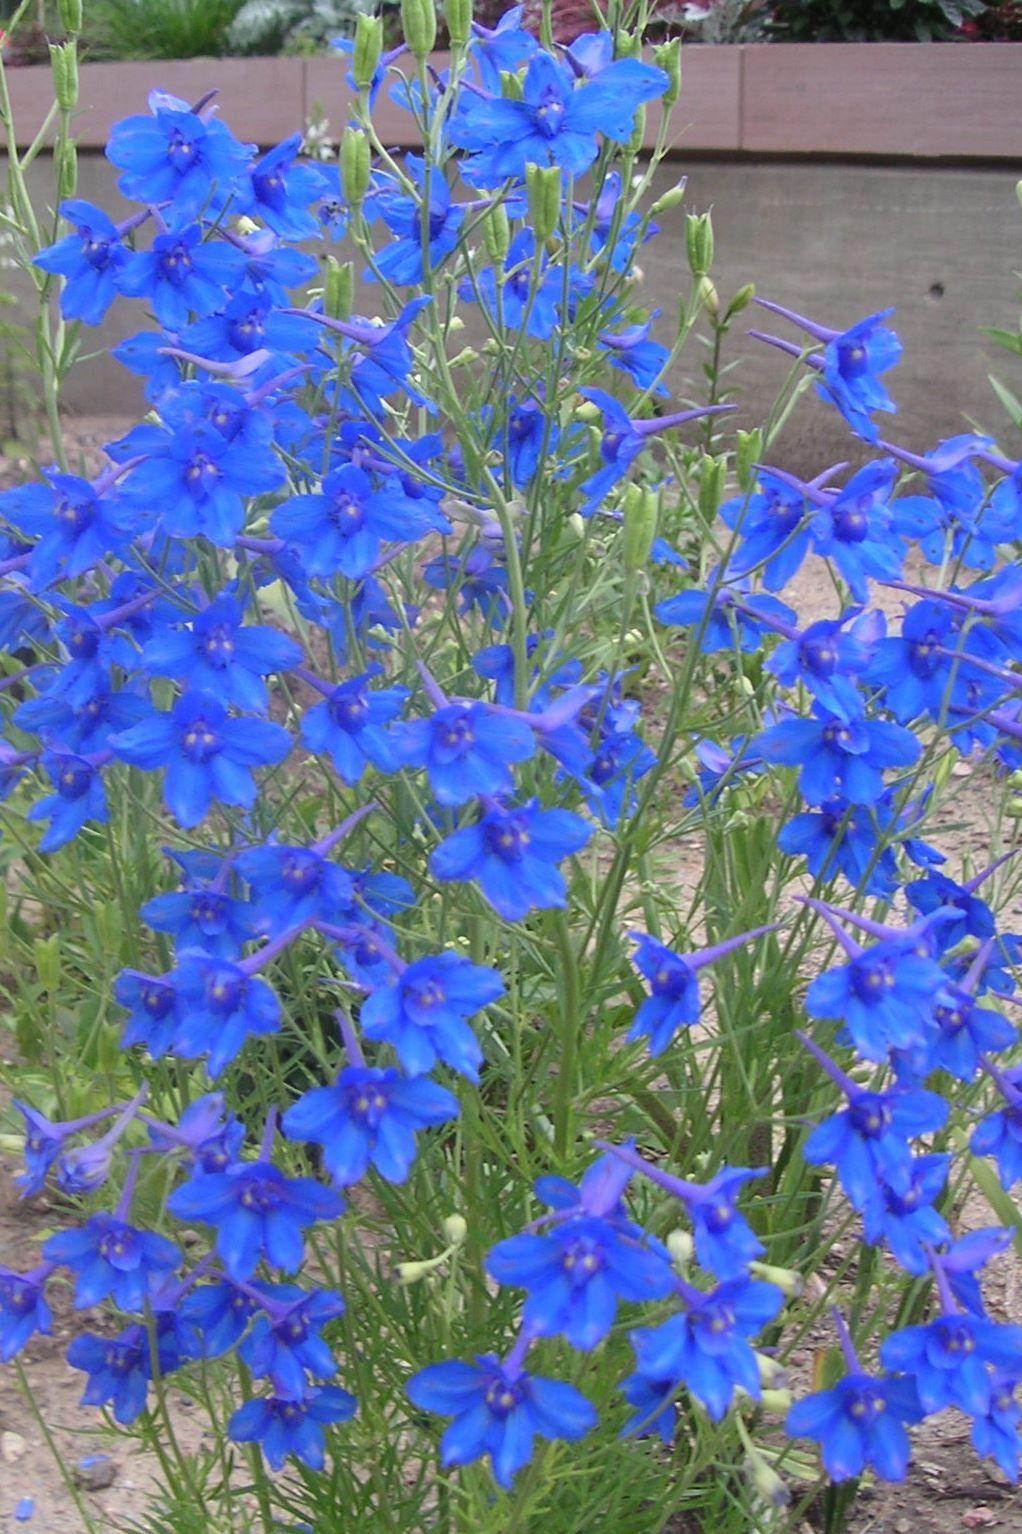 Delphinium Butterfly Blue Flowers Pinterest Delphinium